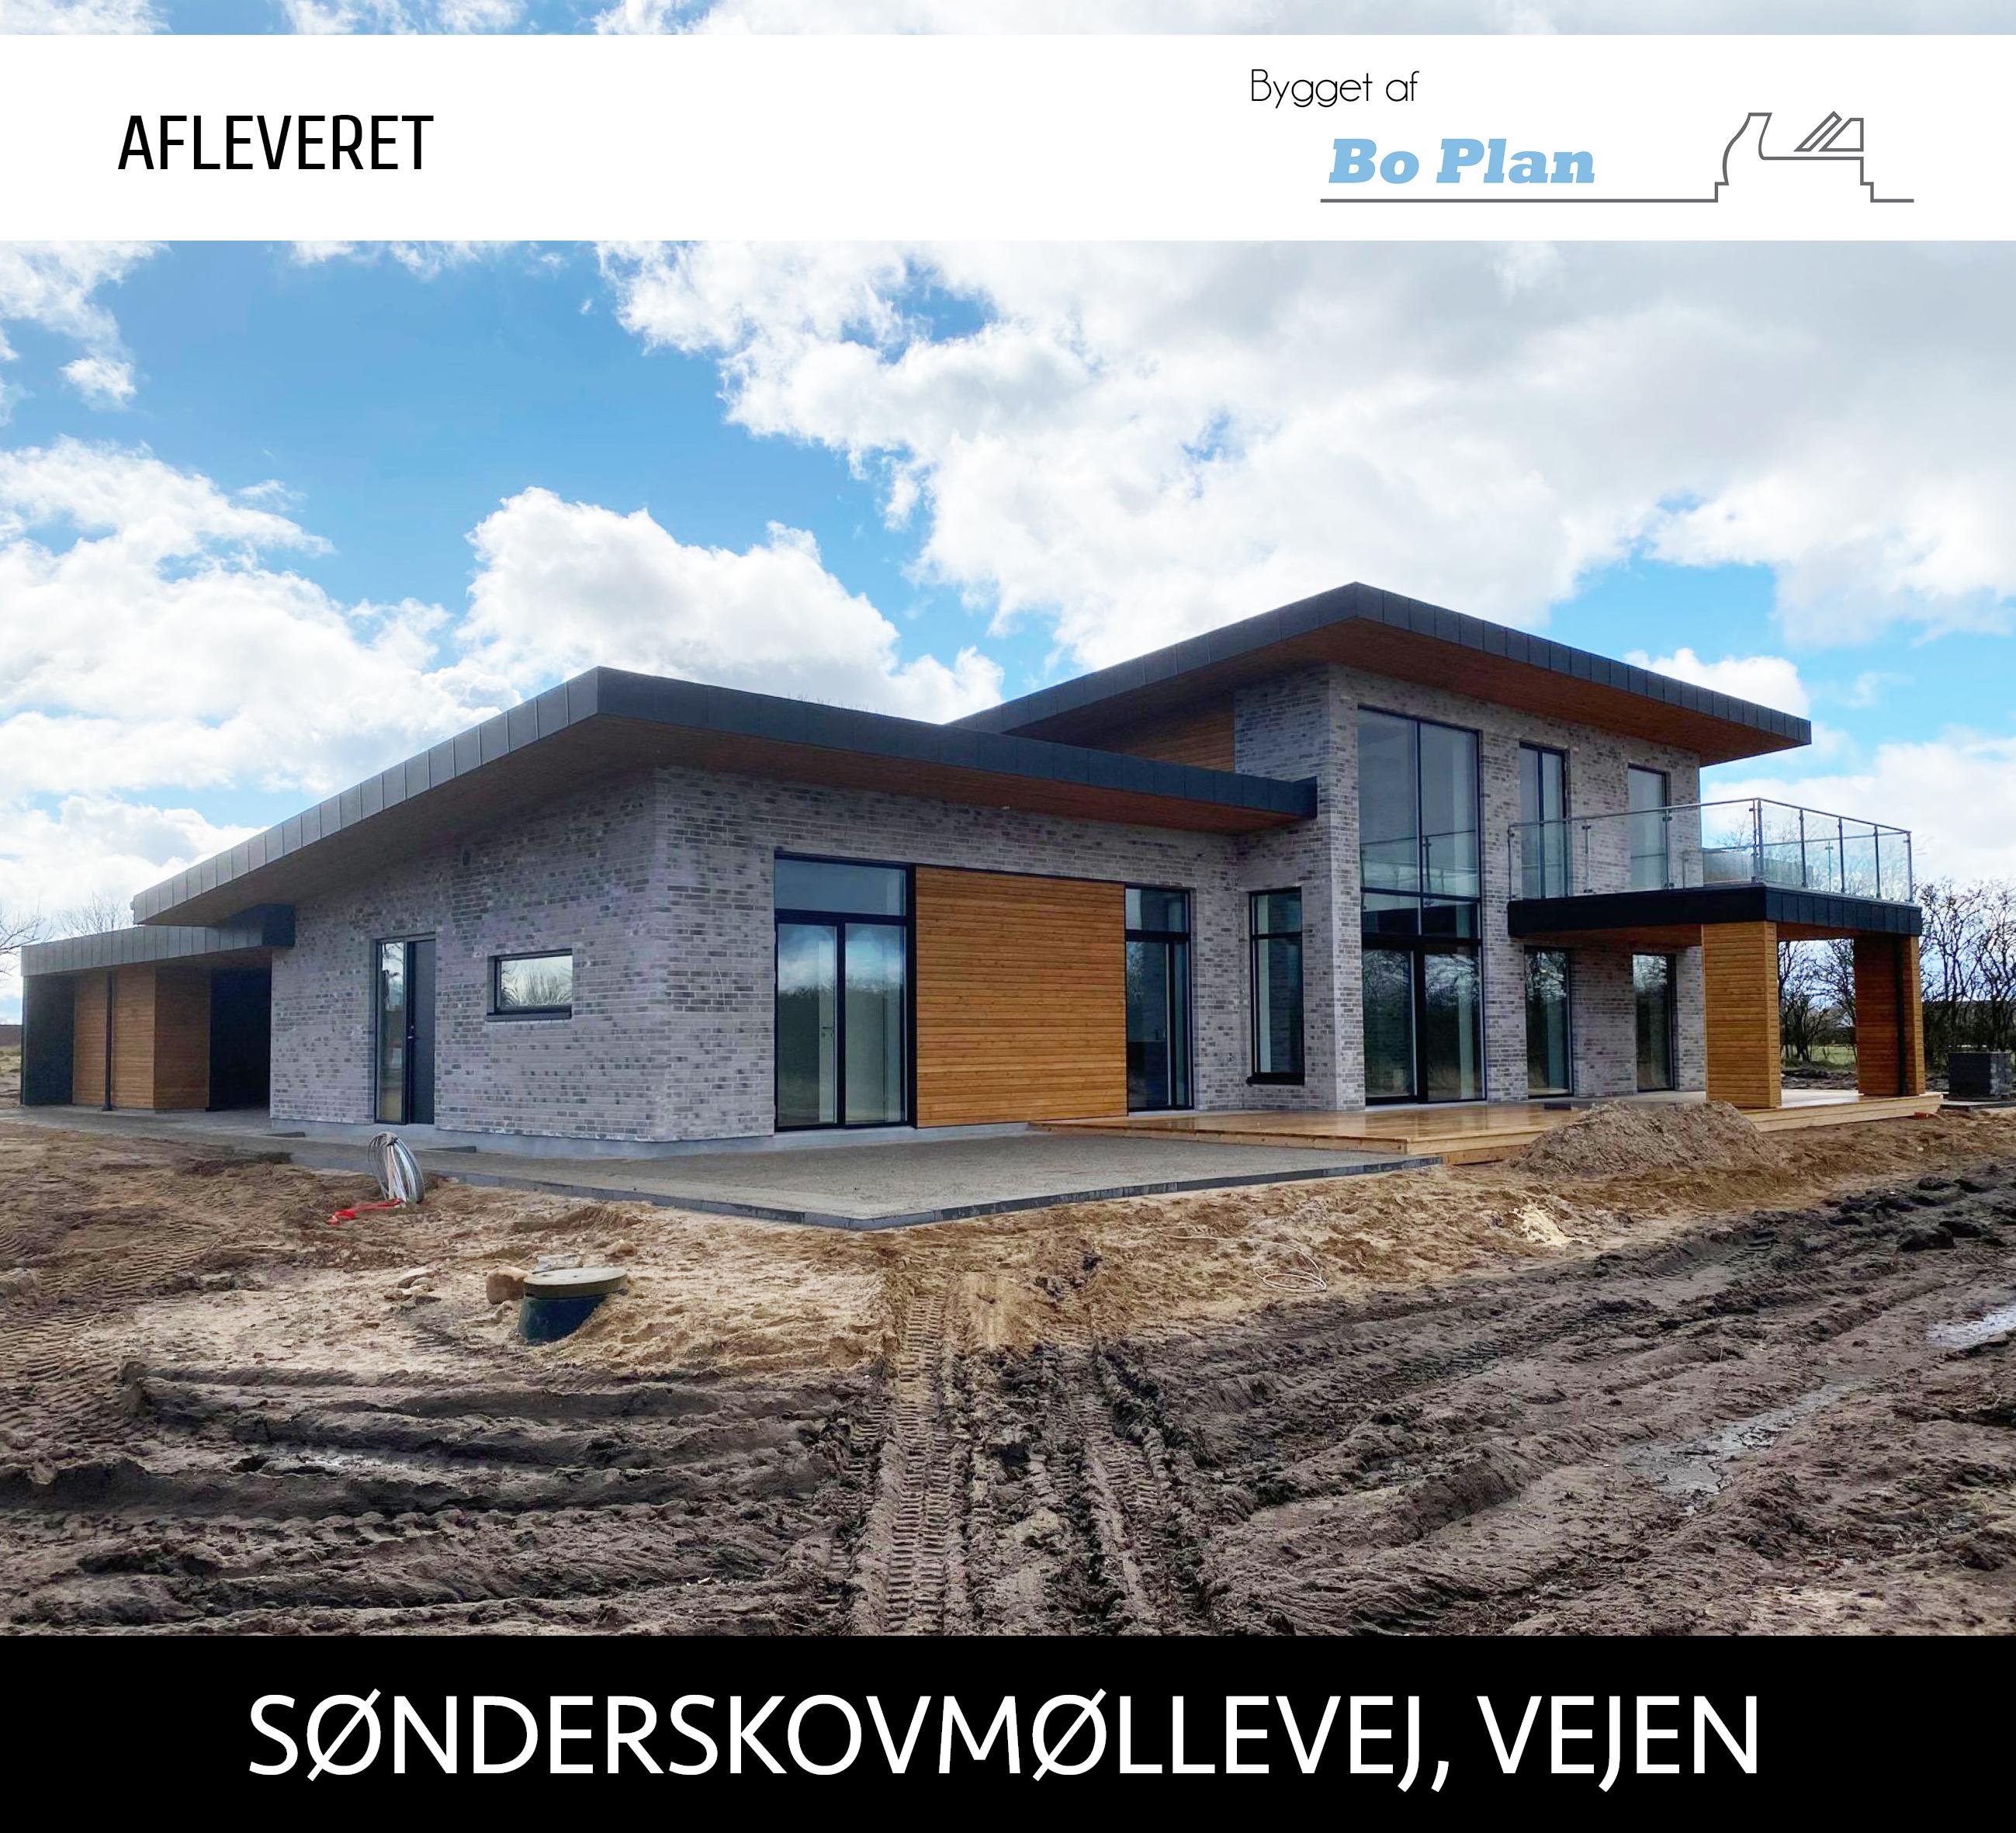 Sønderskovmøllevej,Vejen_afleveret5